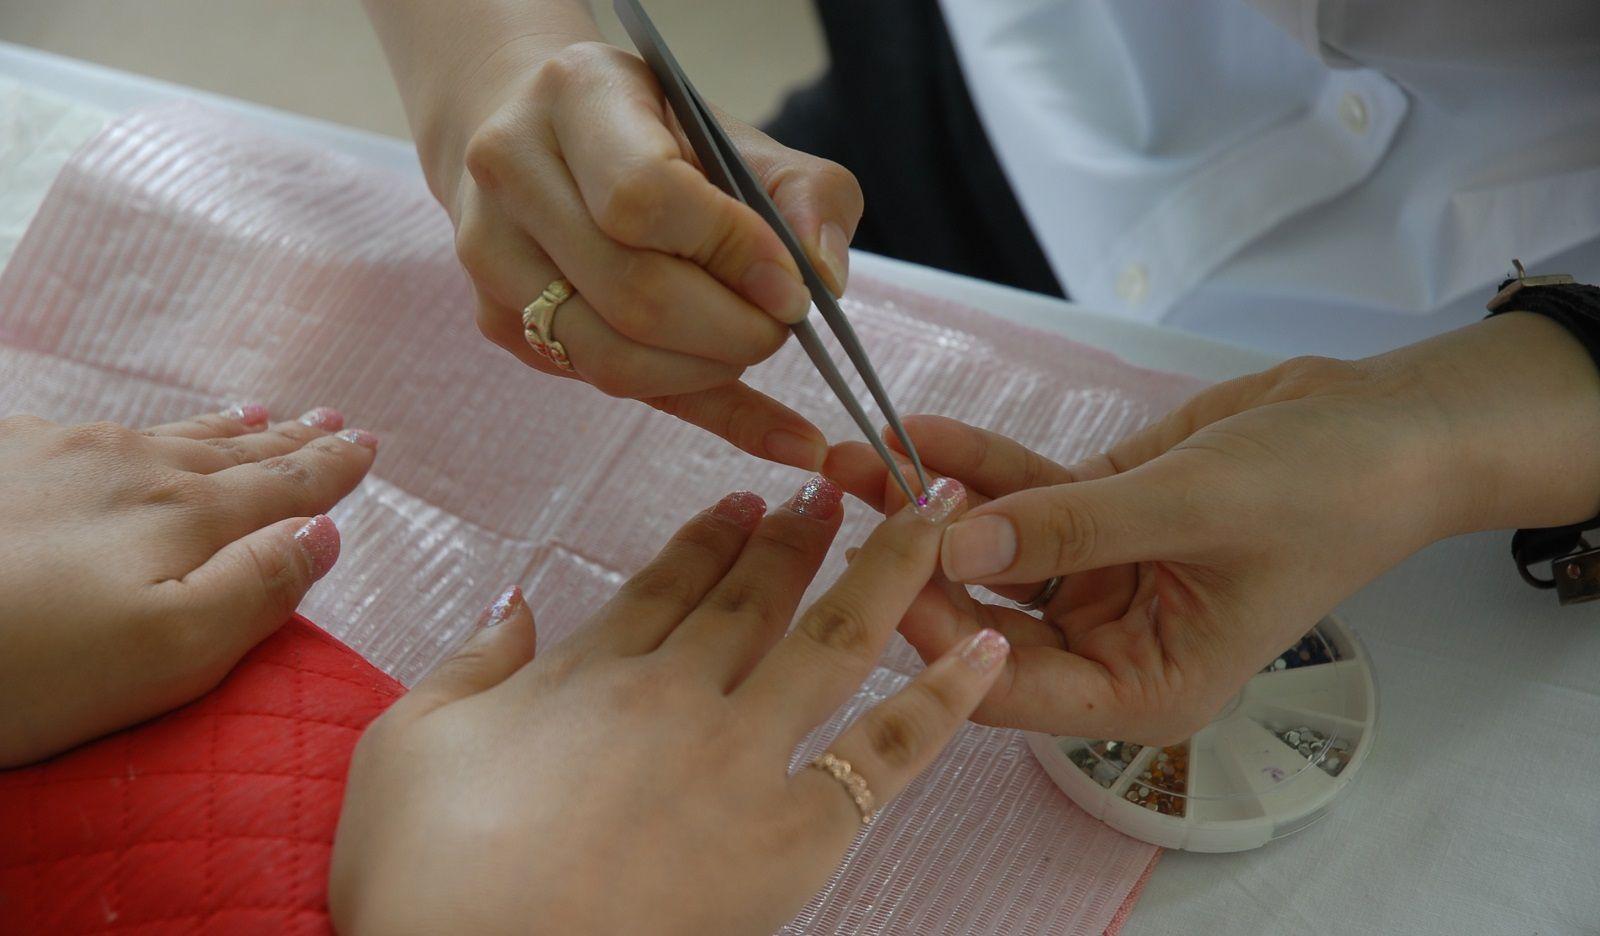 Come rimuovere il gel della ricostruzione unghie senza rovinarle